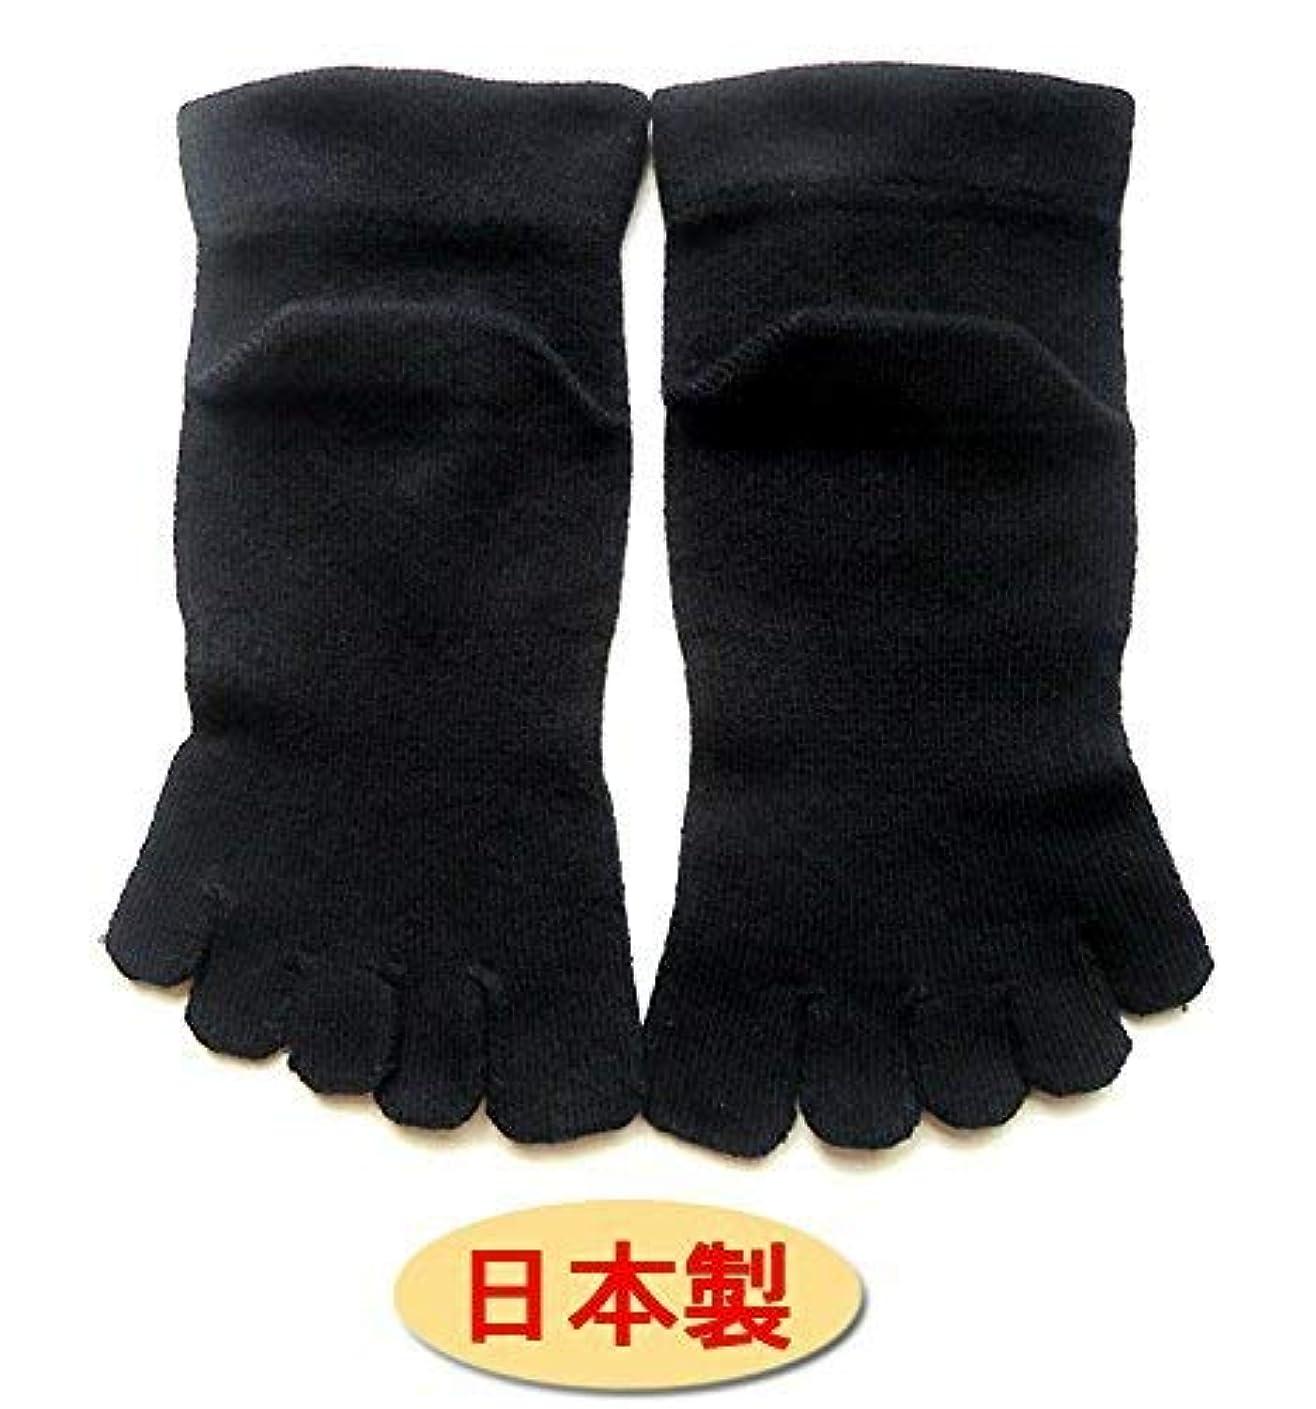 雪だるまを作るリスク信頼性日本製 5本指ソックス レディース 爽やか表綿100% 口ゴムゆったり 22-24cm 3足組(黒色)